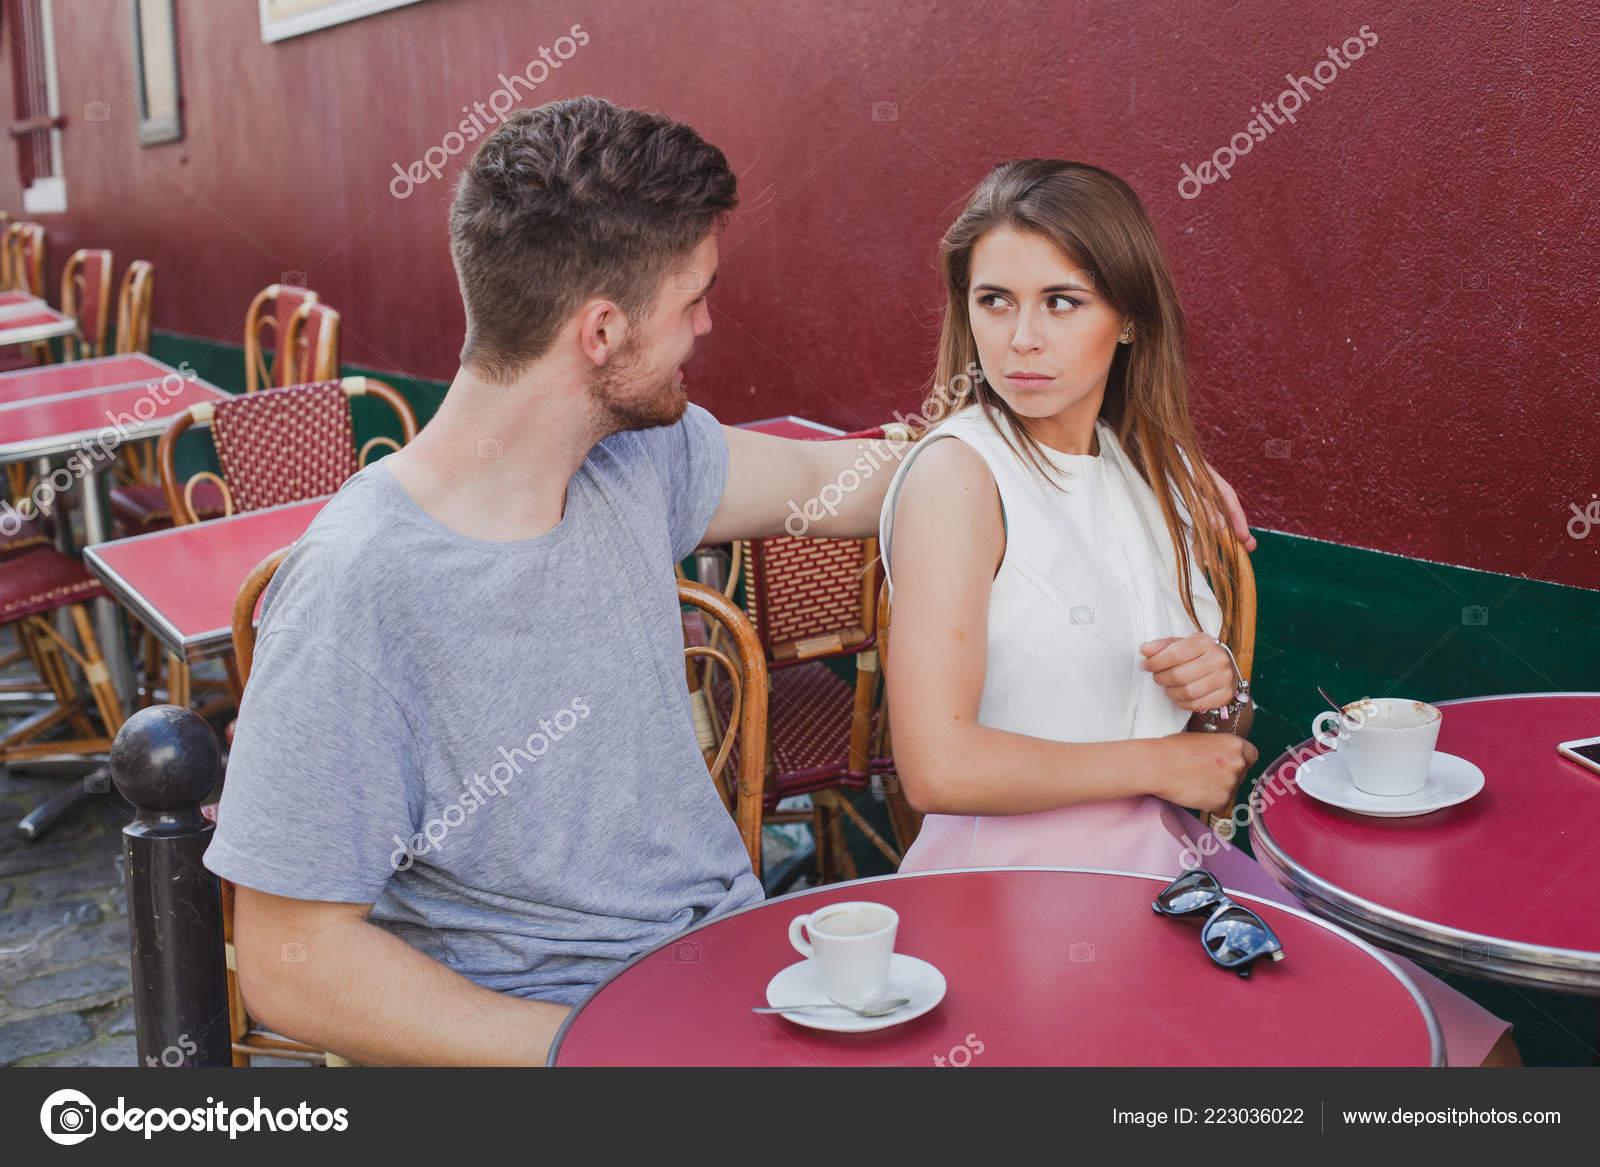 randění s krátkým chlapem